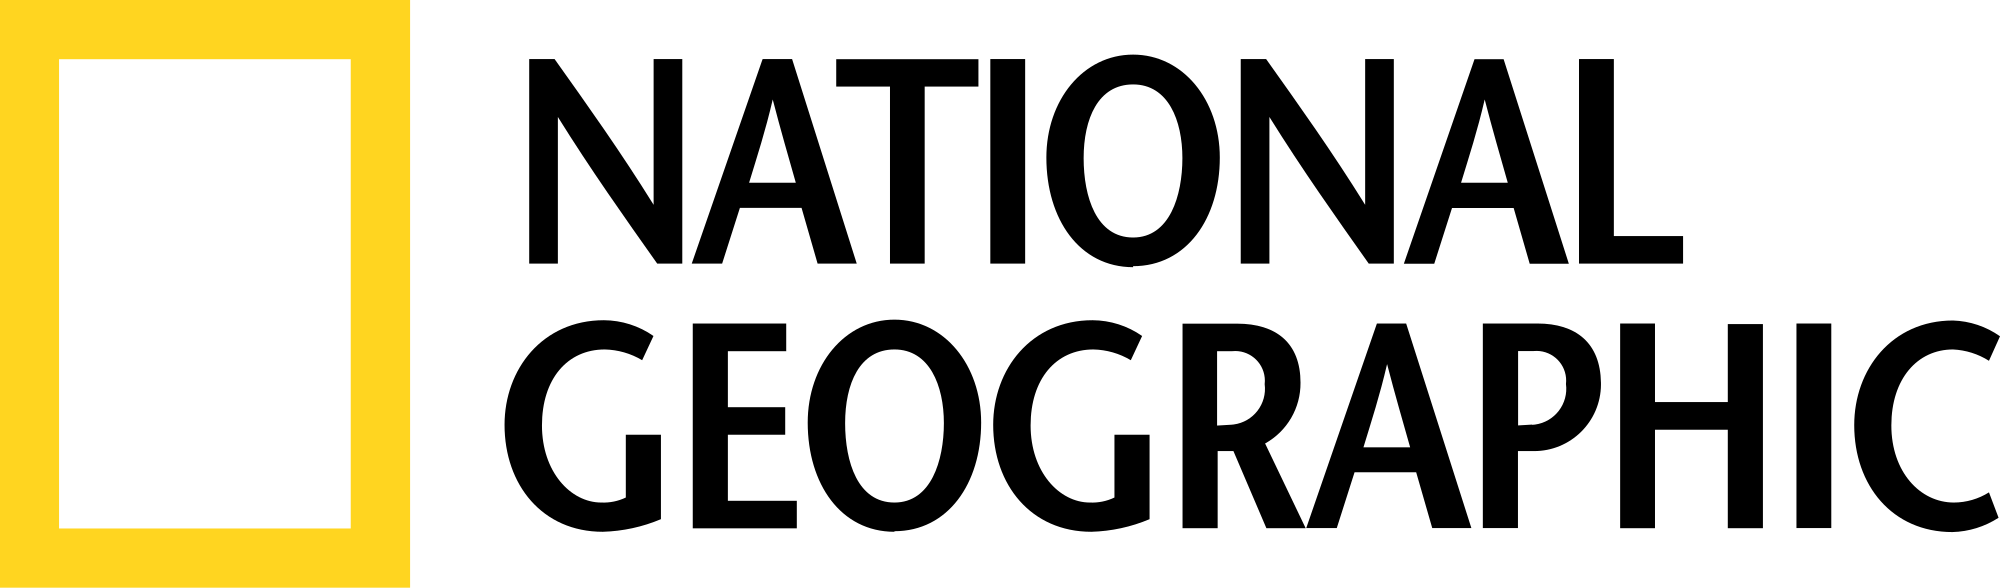 2000px-Natgeologo